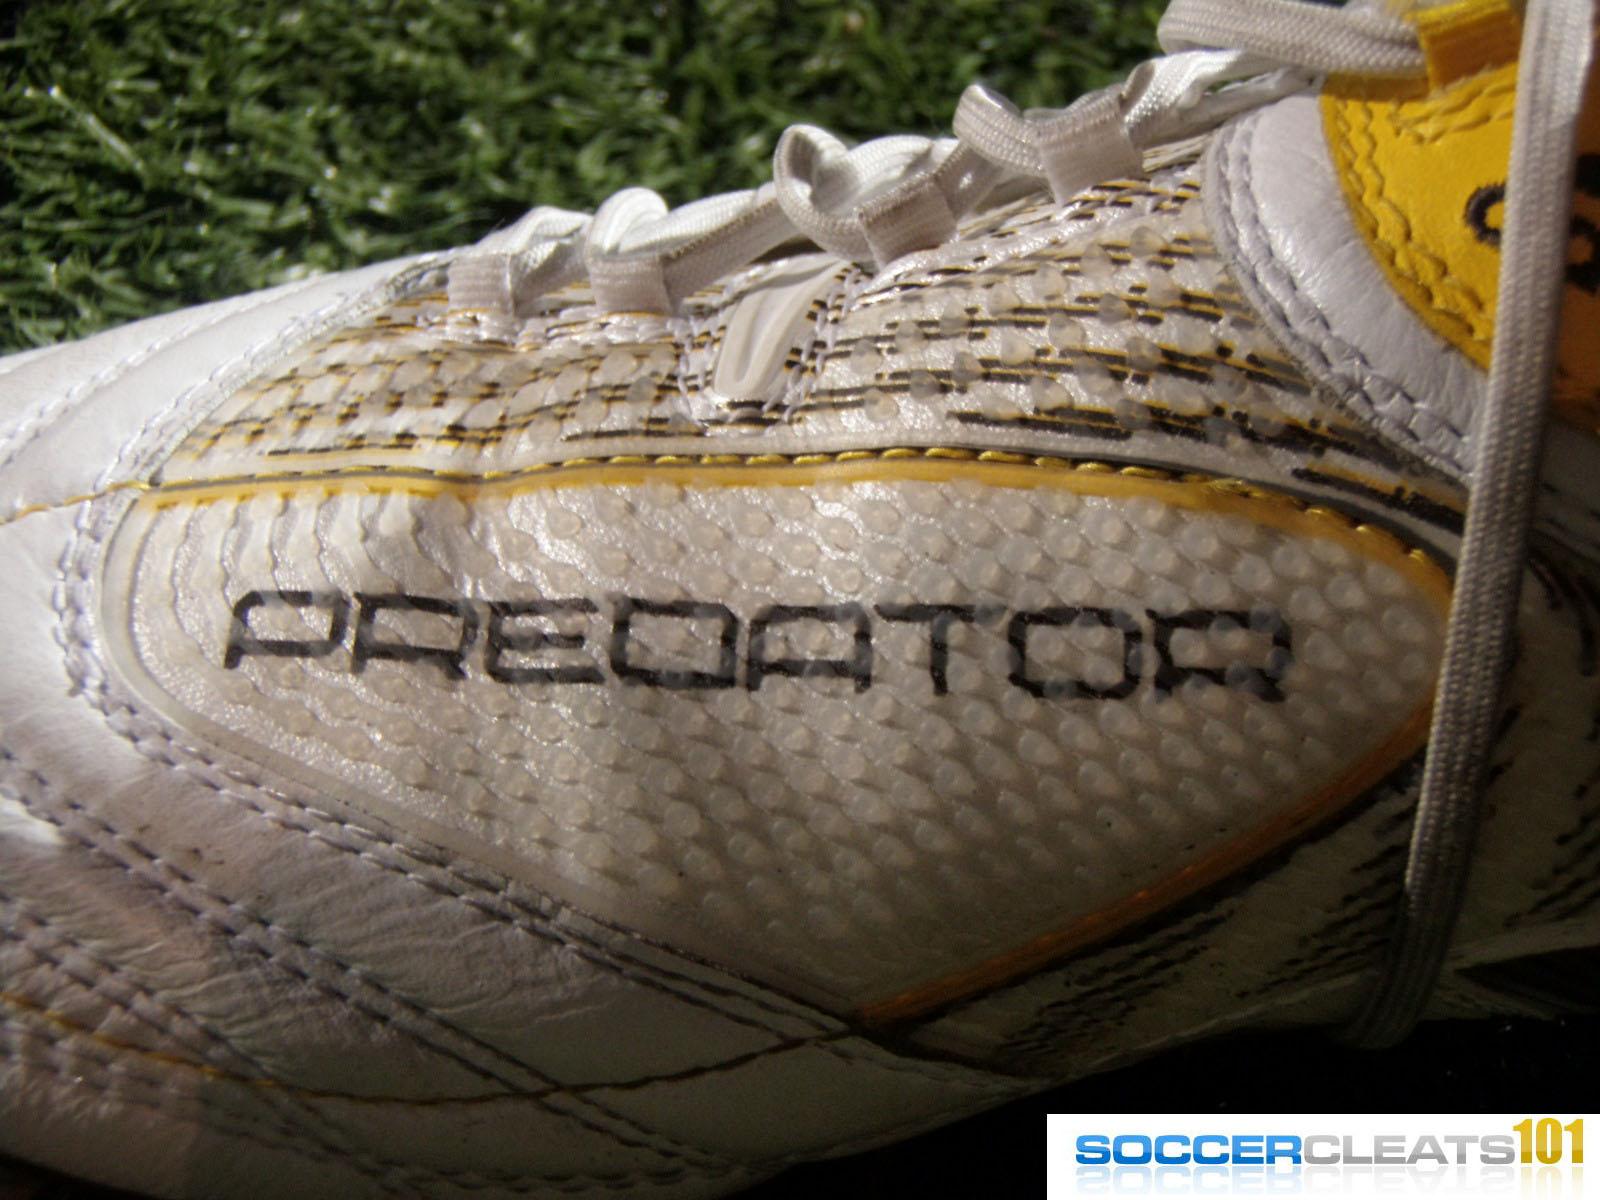 adidas predator x rassegna gli scarpini da calcio.